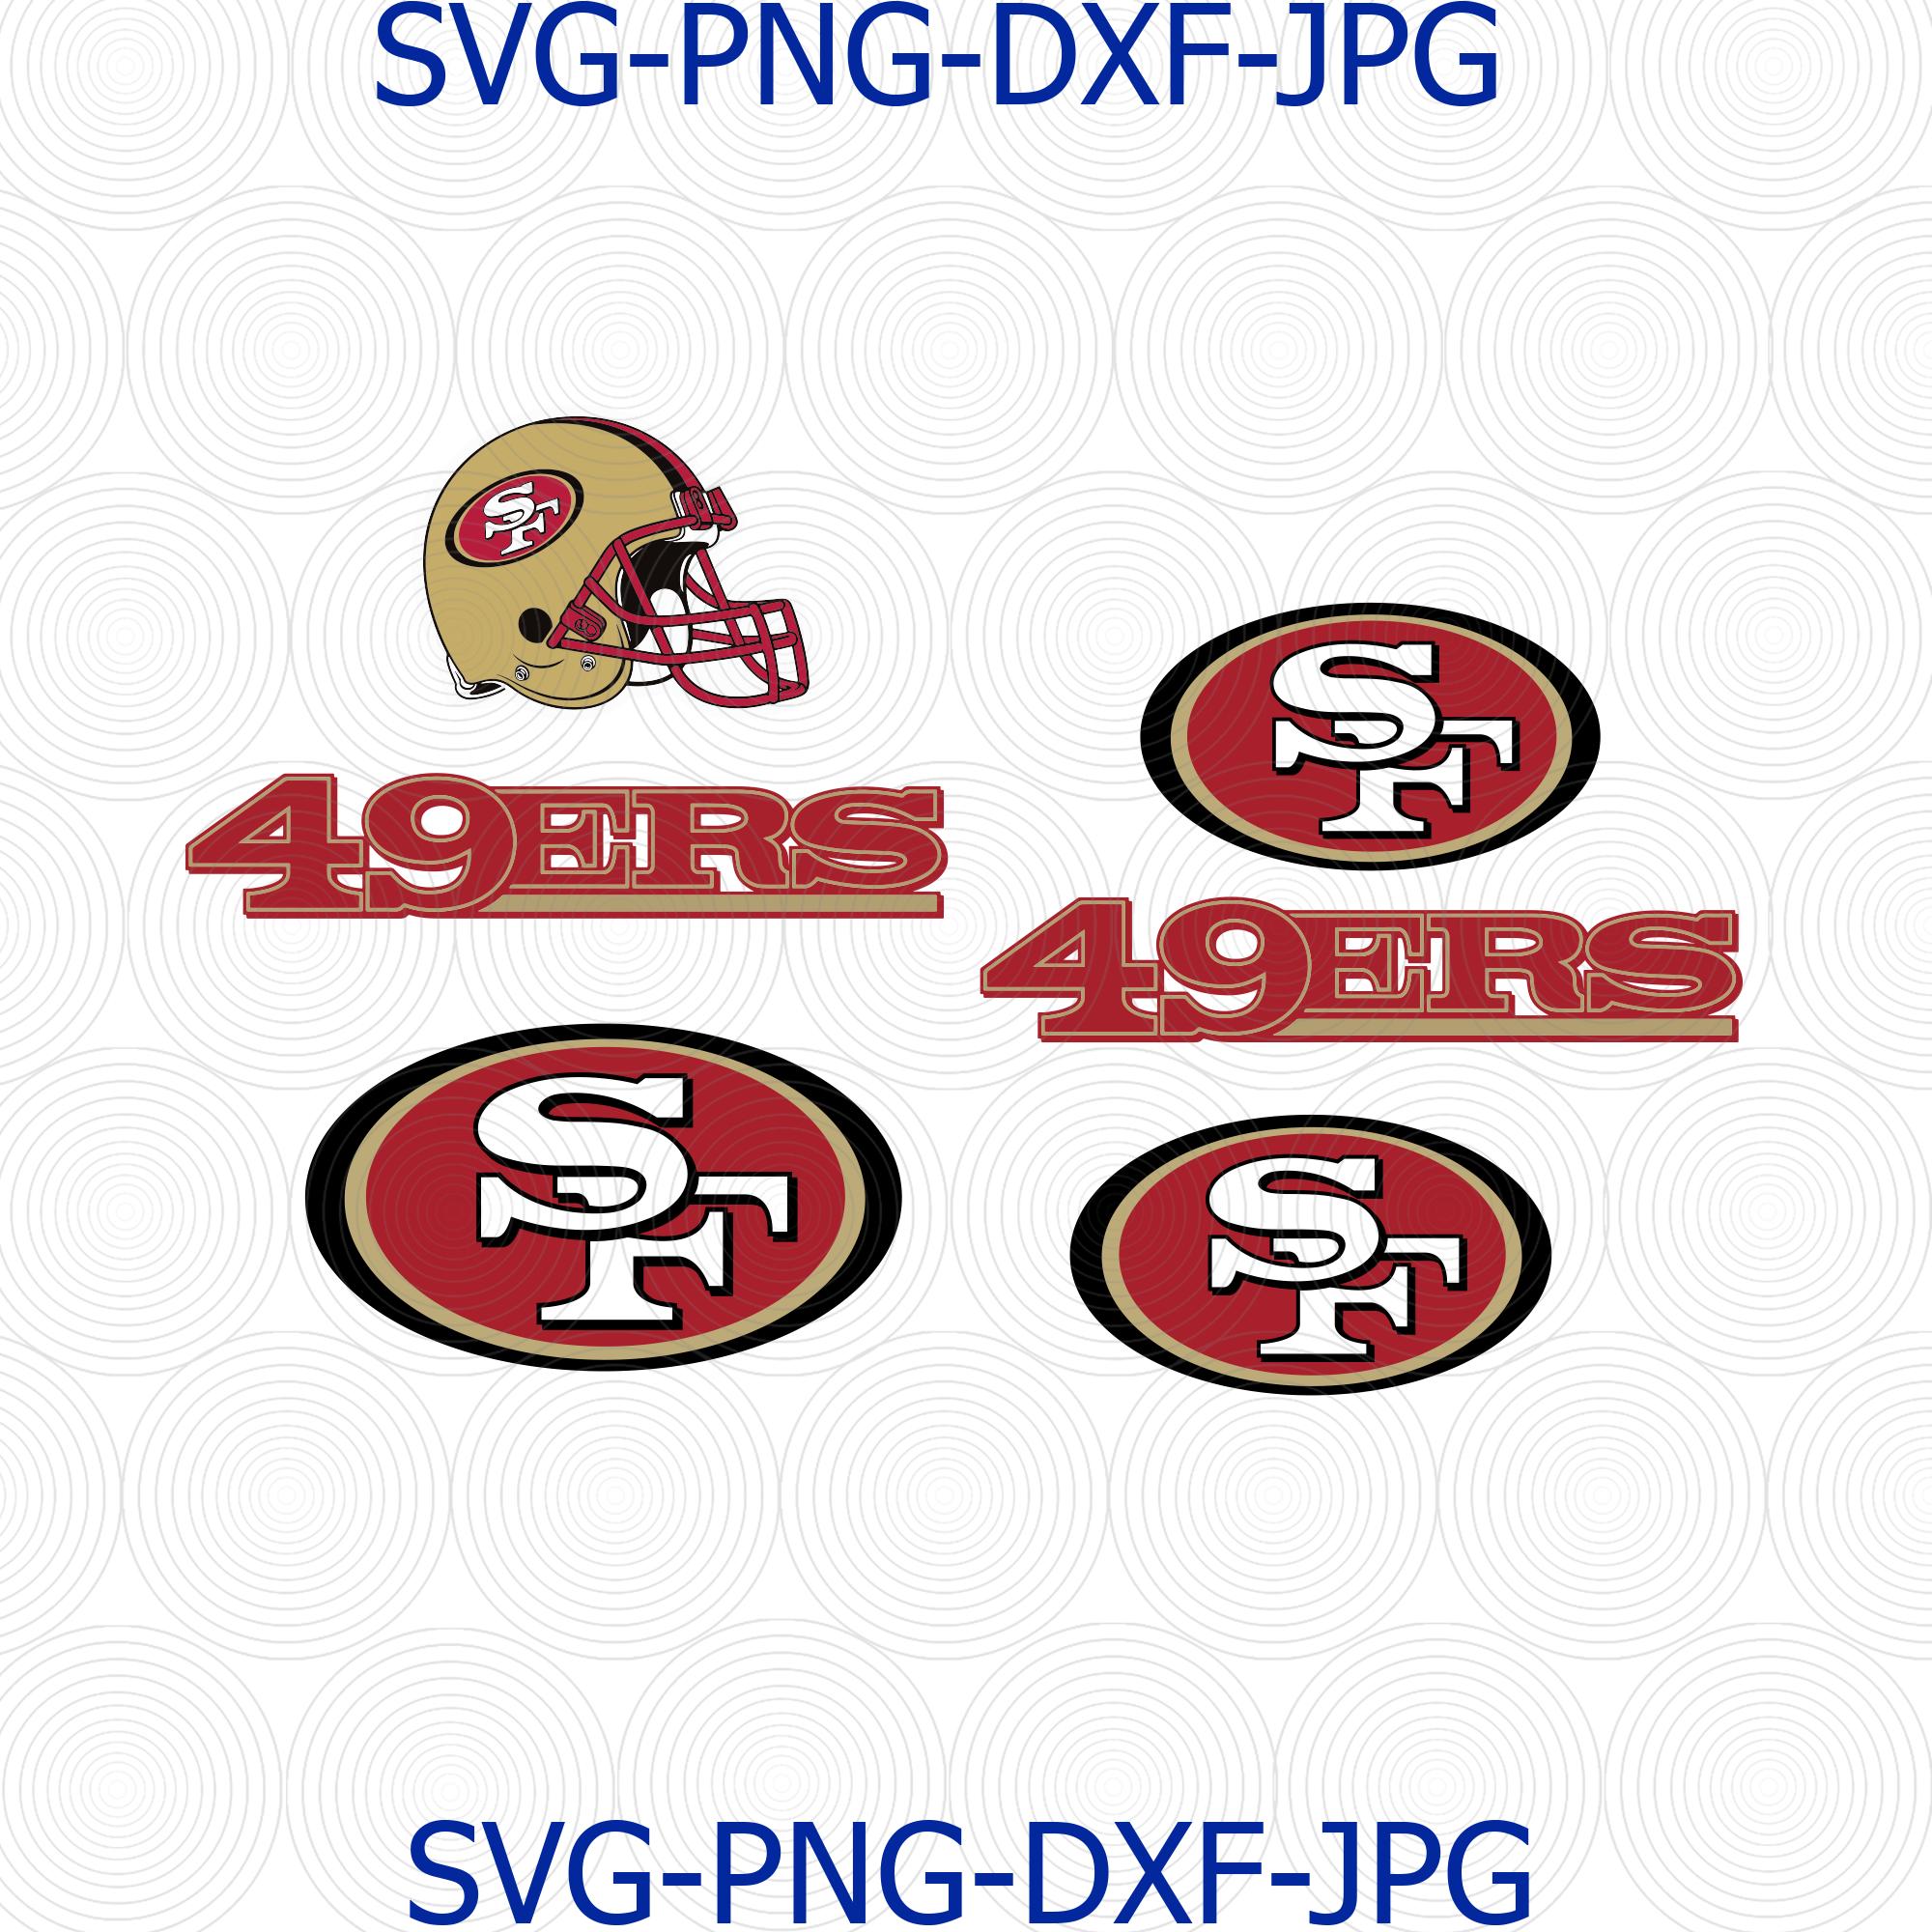 Sanfrancisco 49ers Svg 49ers Svg Sanfrancisco By Digital4u On Zibbet